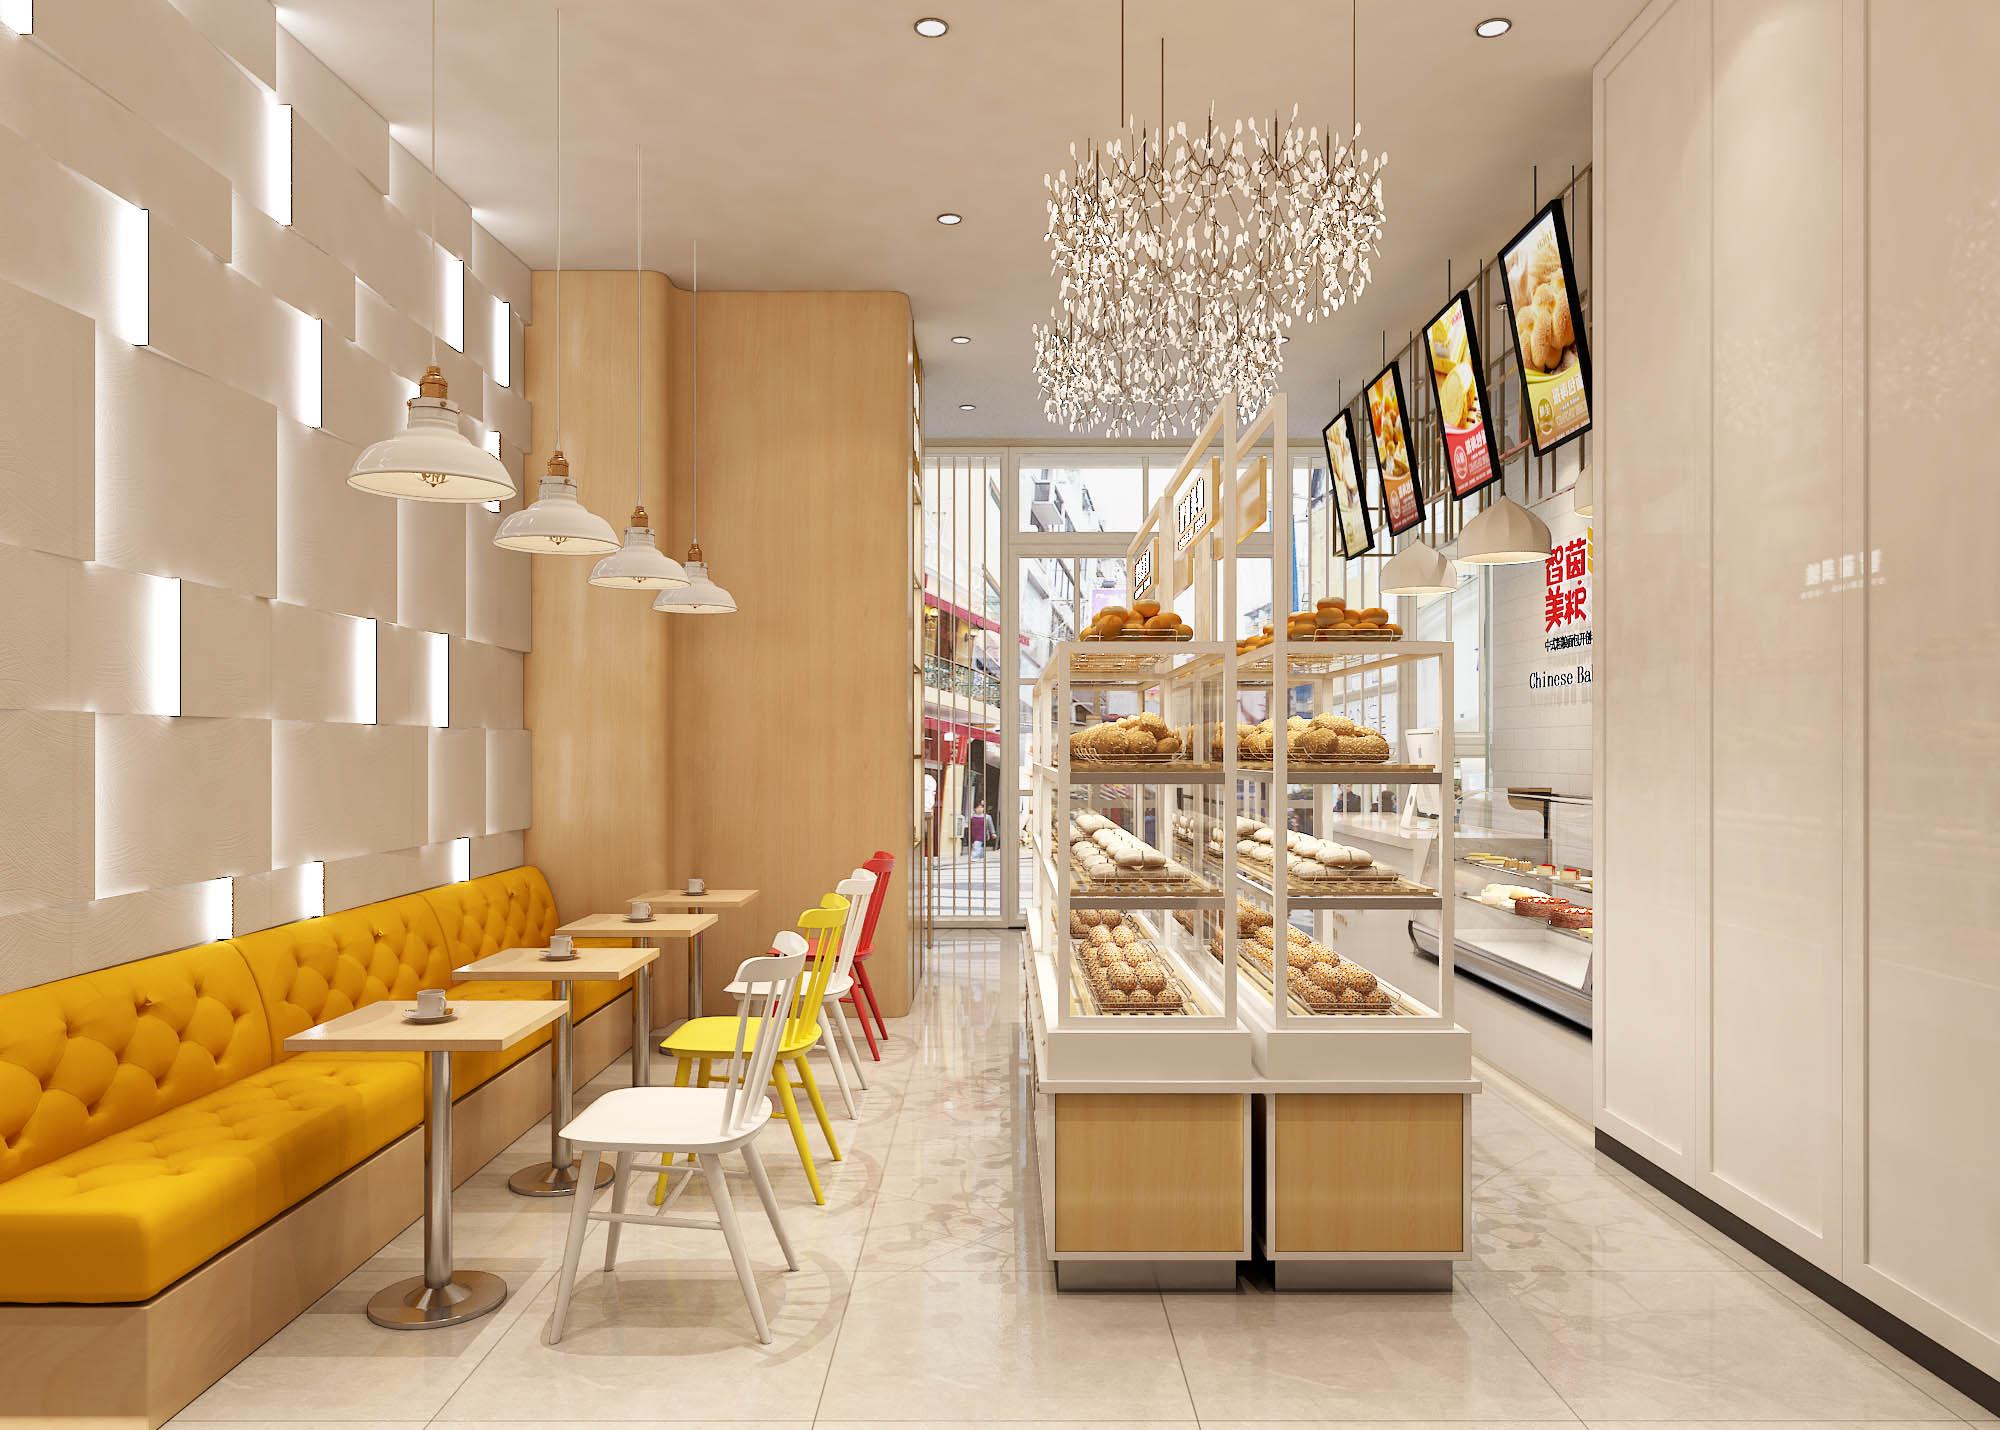 蛋糕店的设计思路